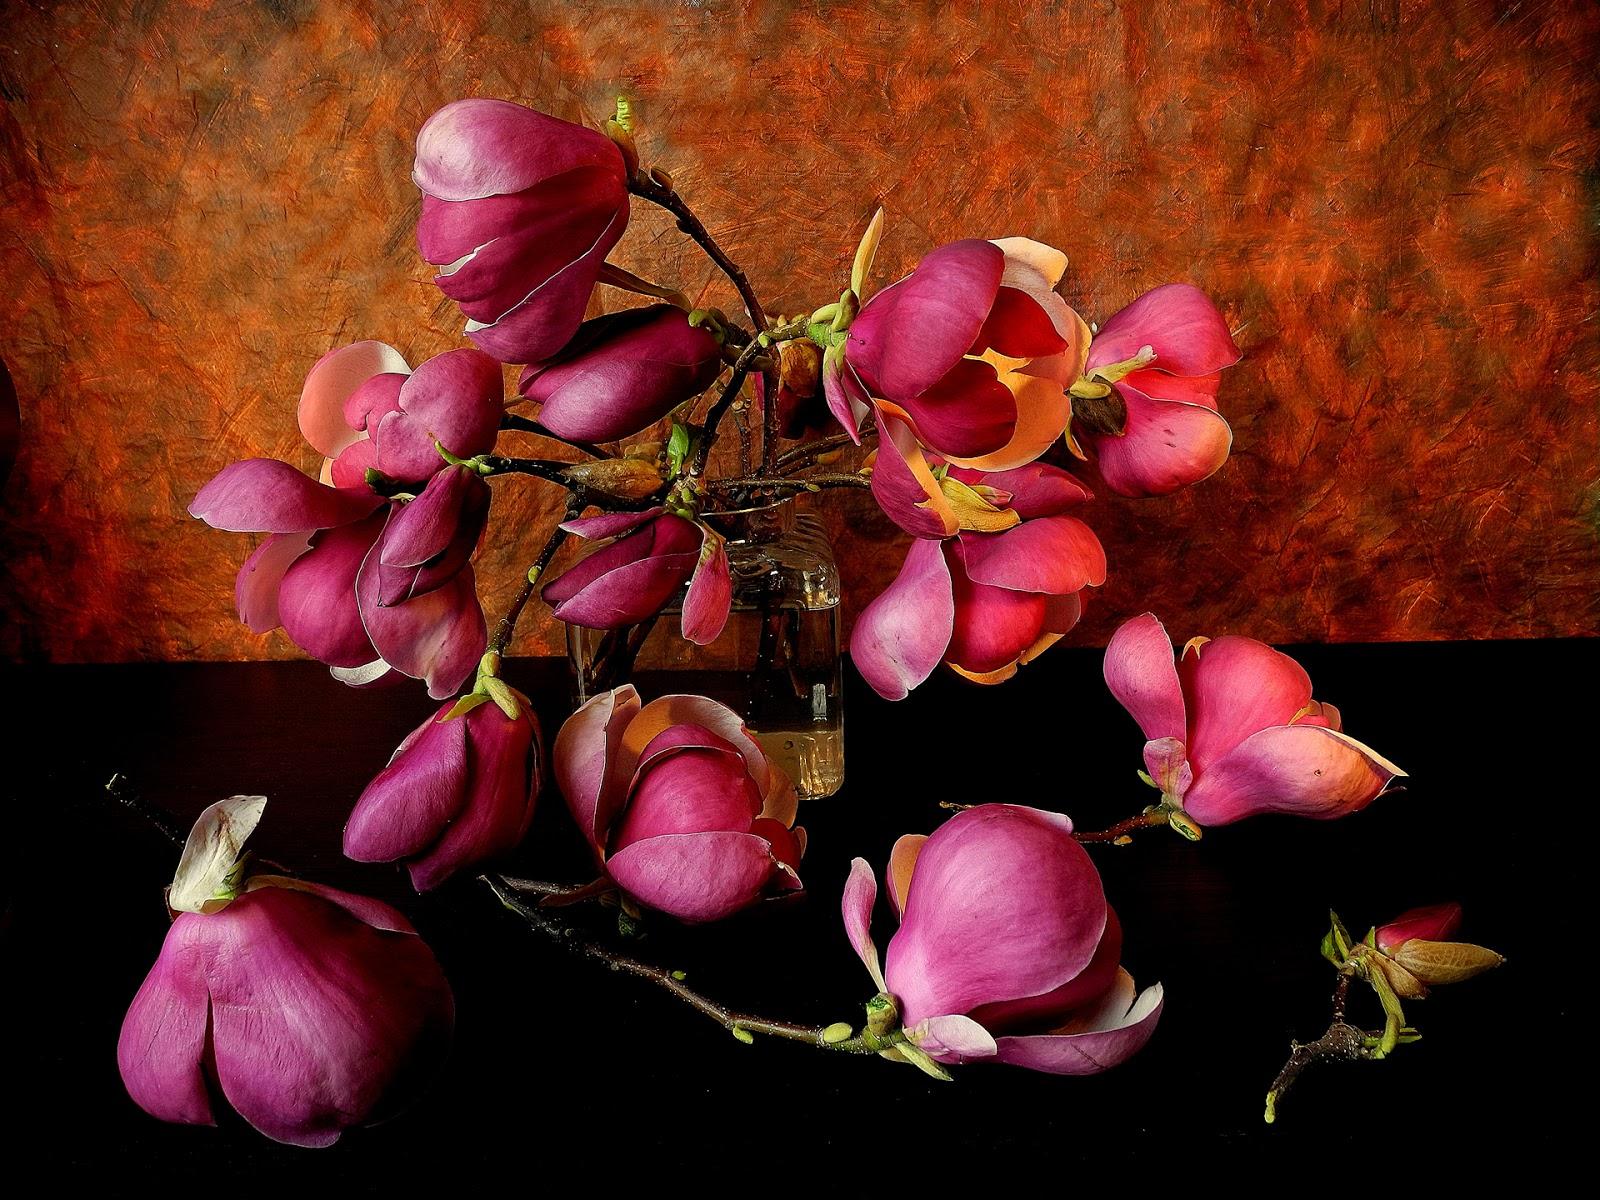 FLORES Y MARIPOSAS Blog de Alicia Rivas - Imagenes De Flores Naturales Bonitas